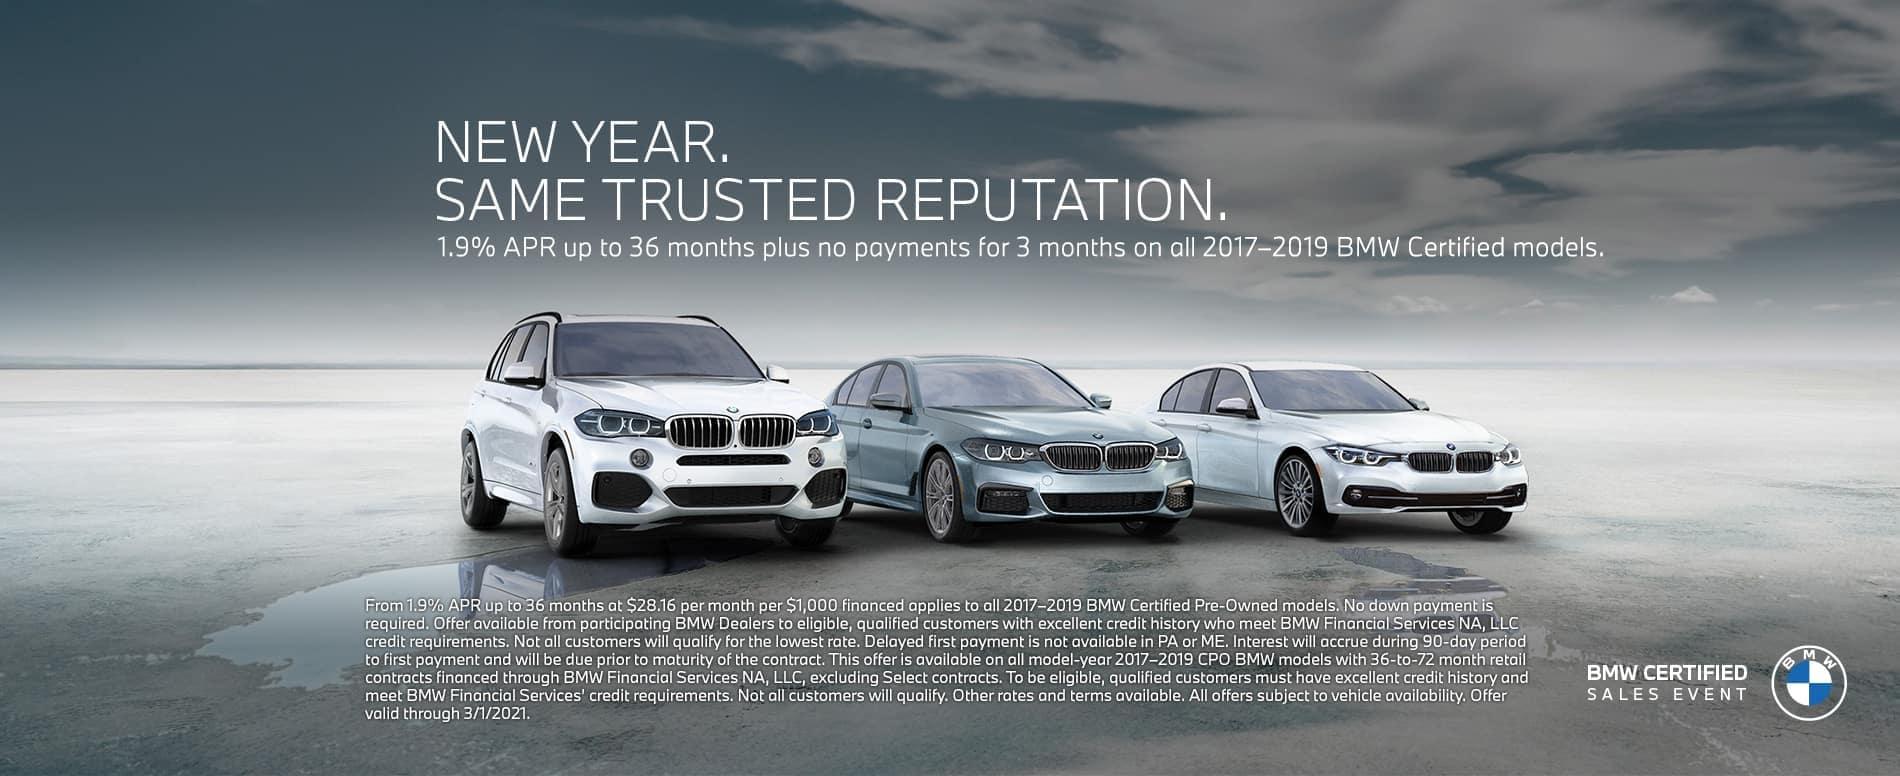 BMWML-Jan21-Certified-1900×776-banner-1